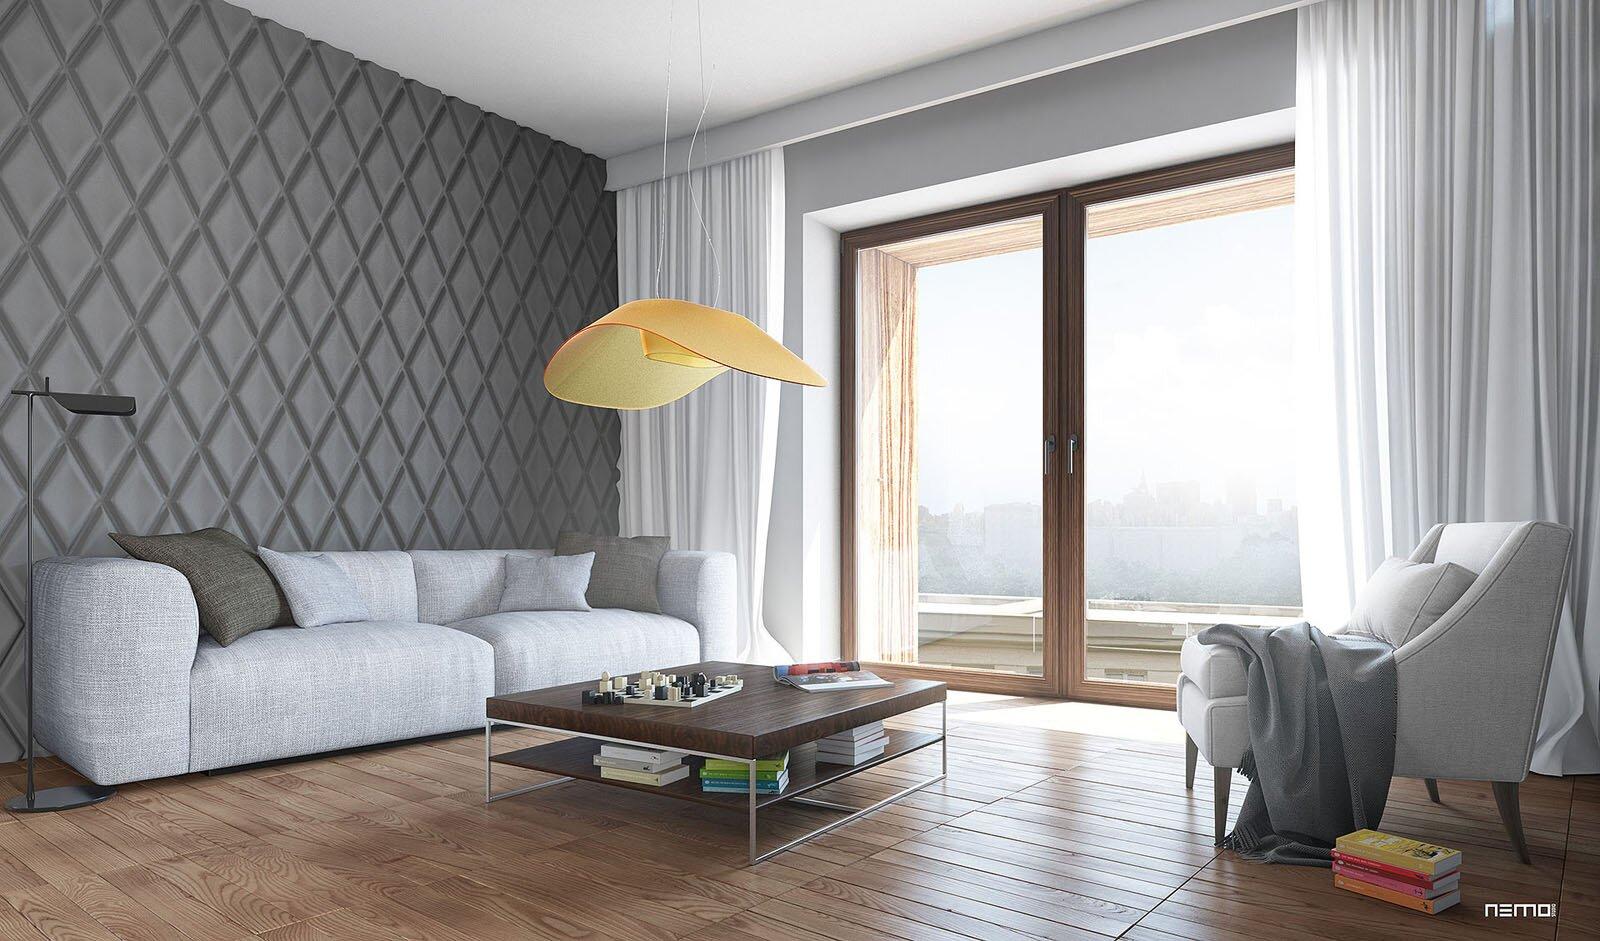 wizualizacja wnętrza apartamentu mieszkalnego w starej części warszawskiej Woli, Muranowa